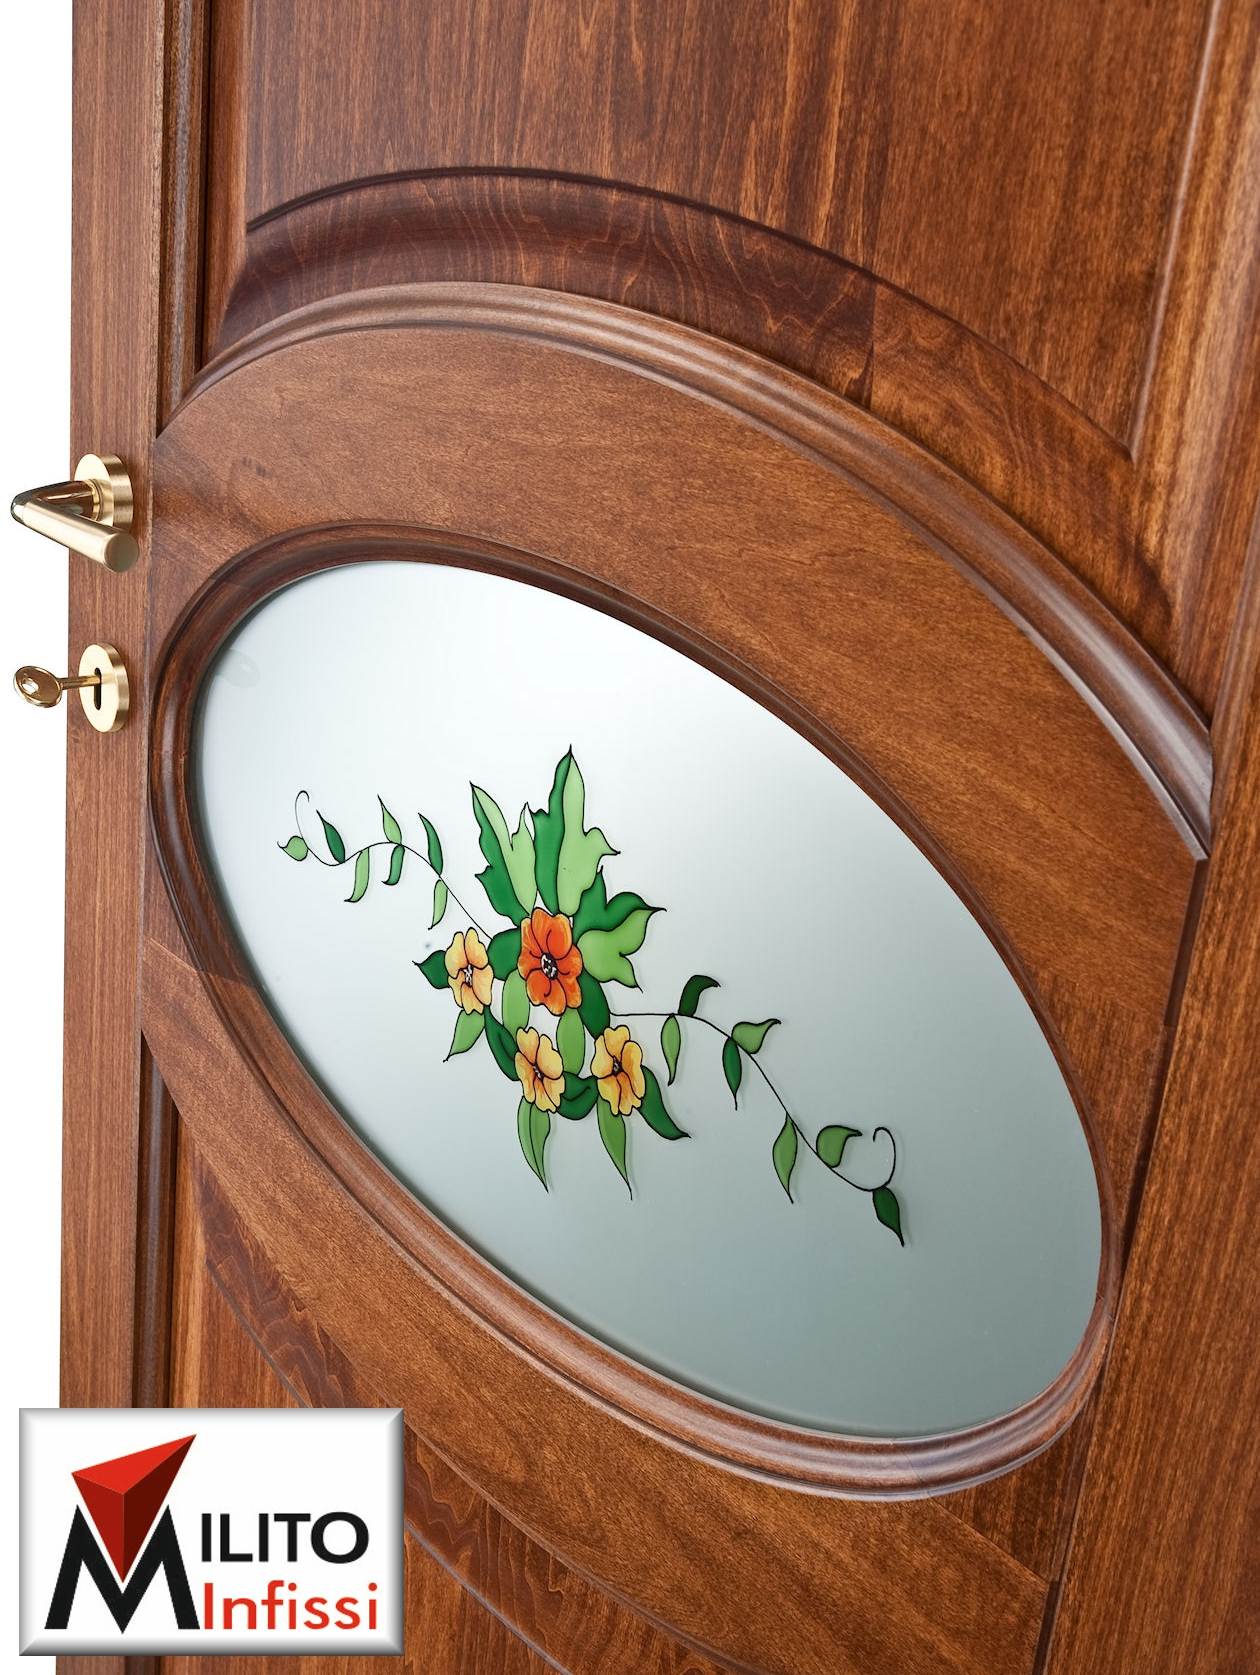 porta interna in legno massiccio con vetro decorato